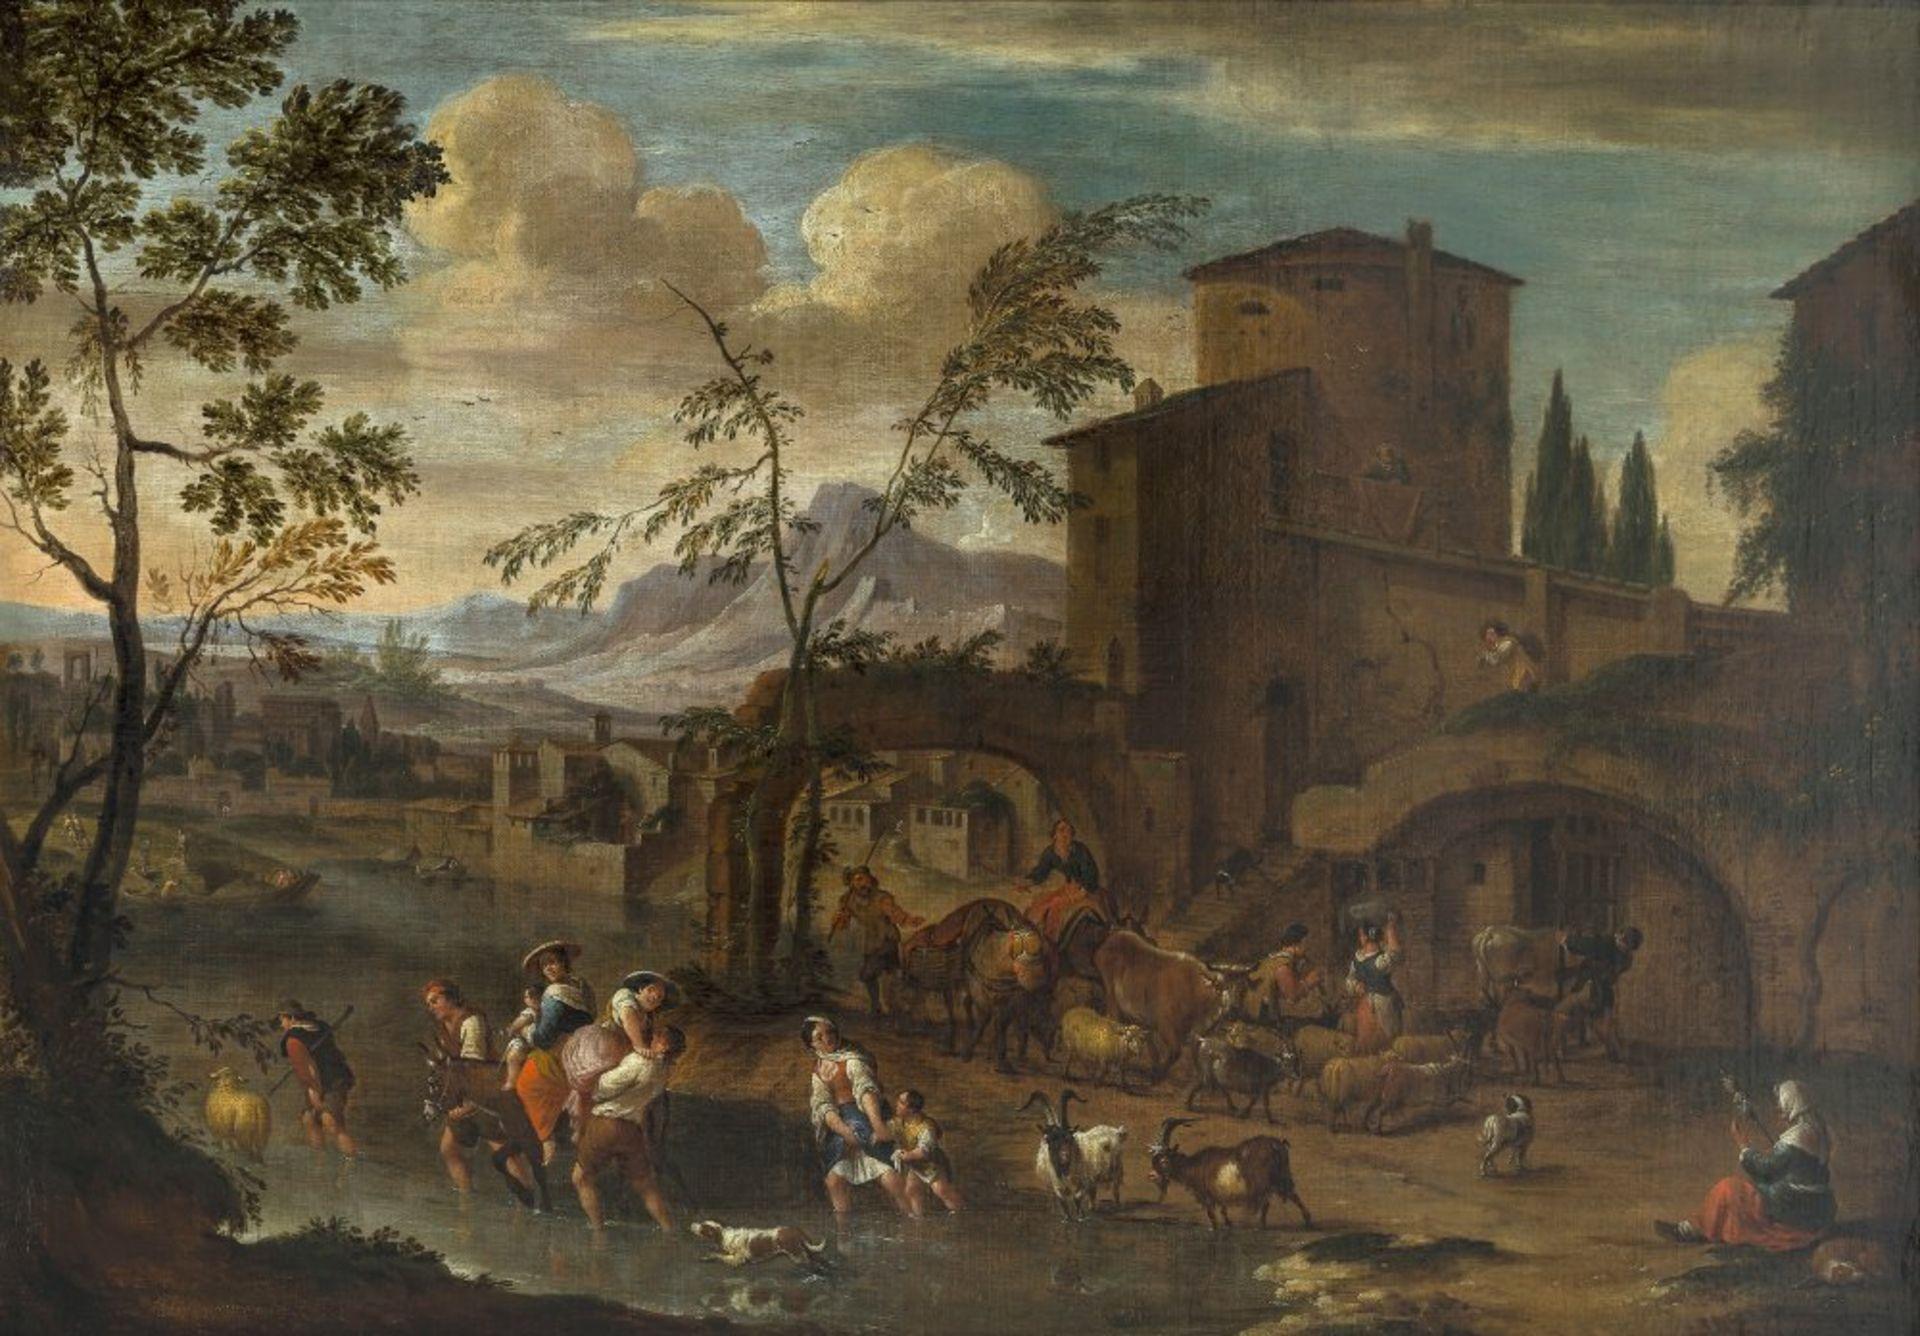 Bredael, Peeter vanSüdliche Ruinenlandschaft mit Hirten und Tieren, die einen Fluss überqueren. Öl/